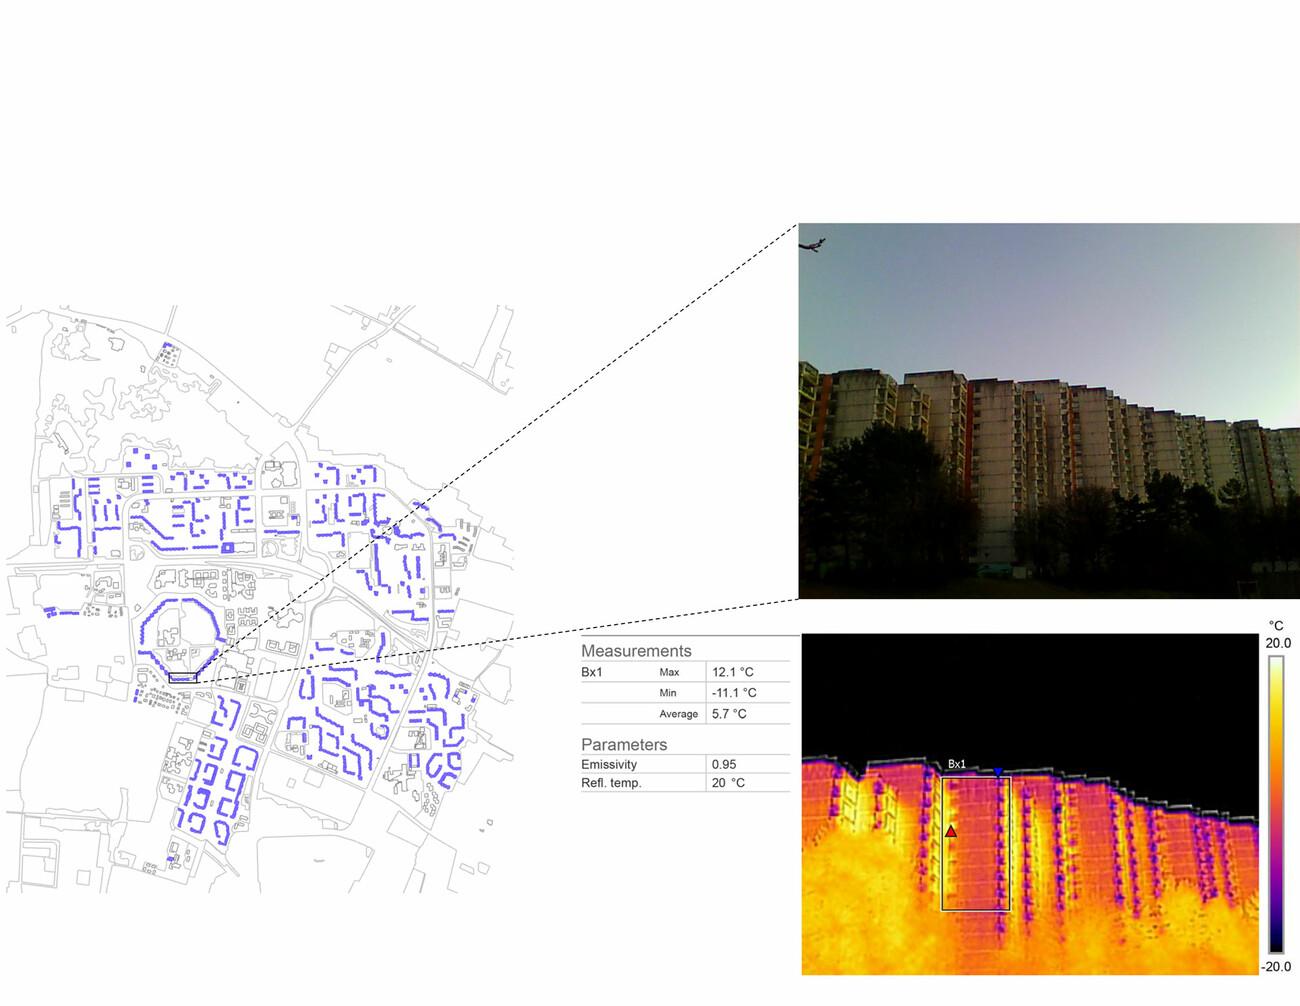 Urban District Development Neuperlach